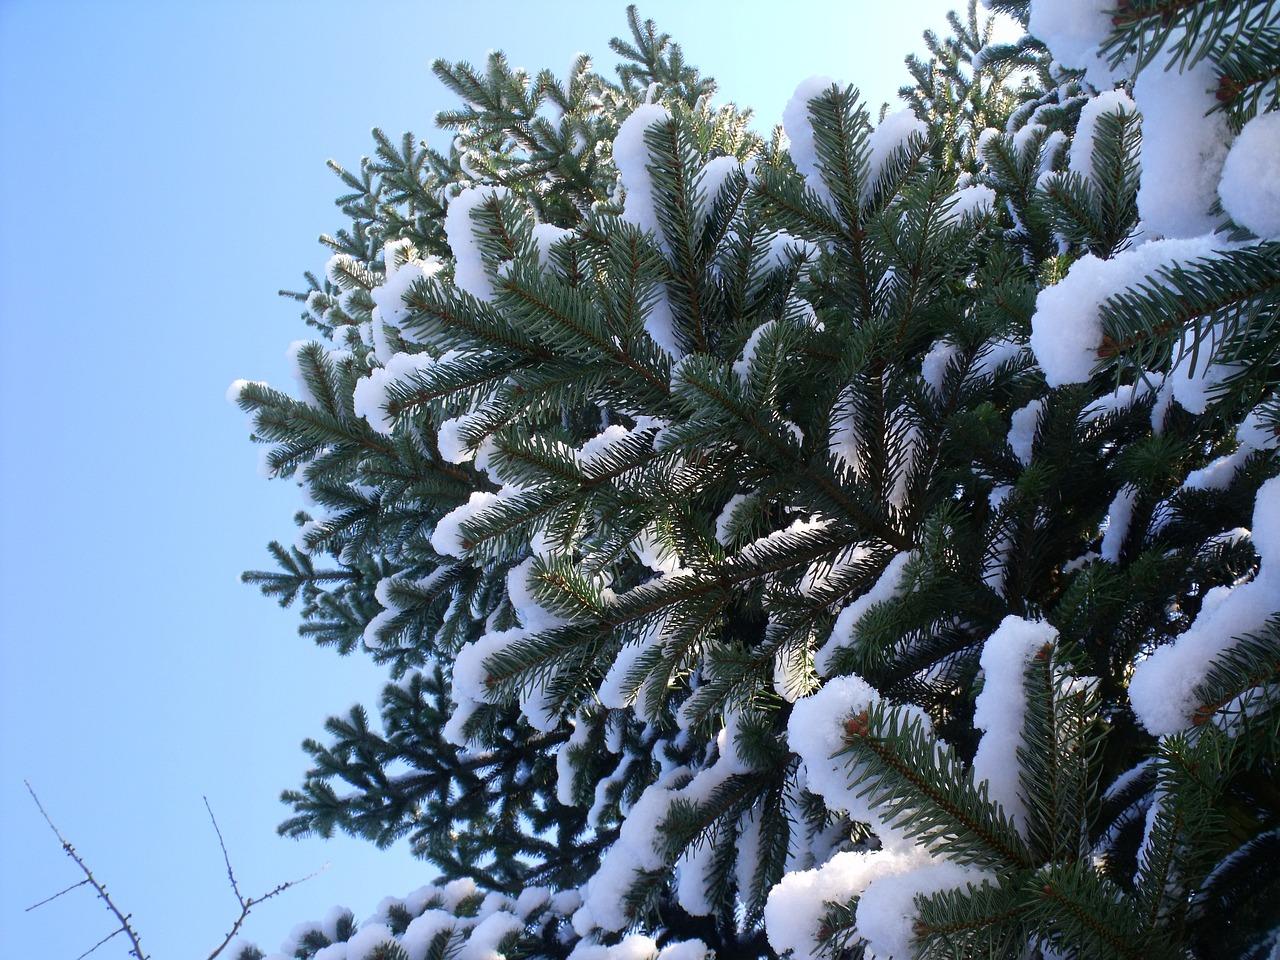 лес покрыт снегом картинки новогодние